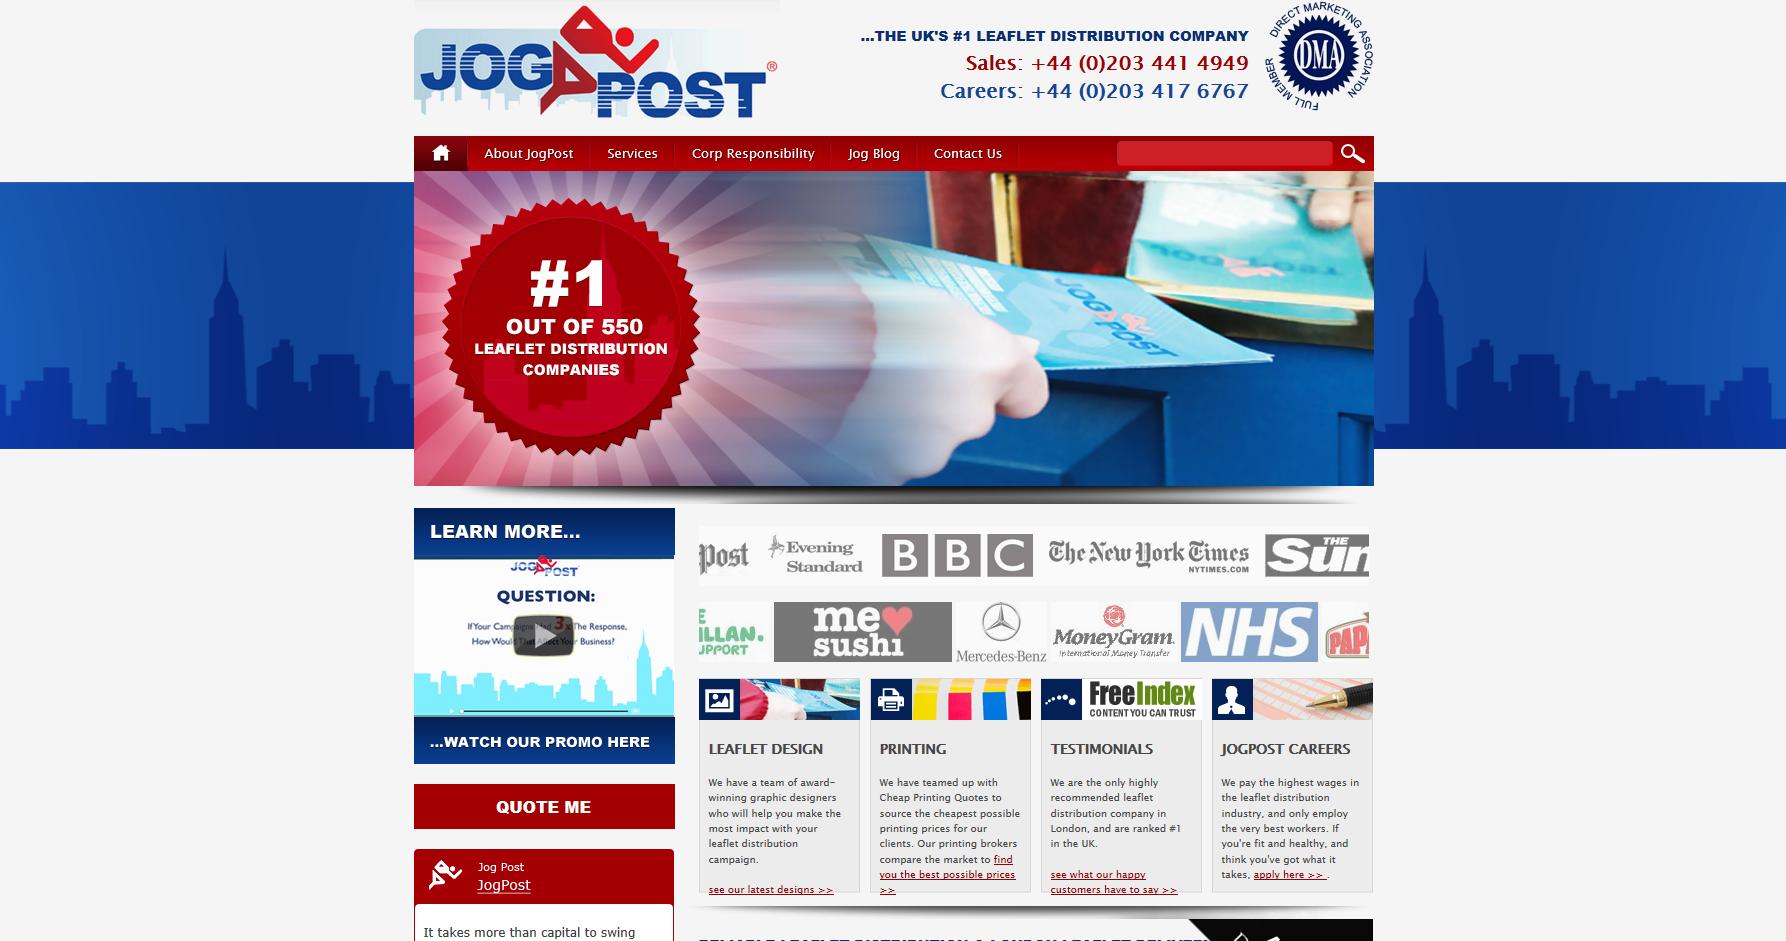 Jogpost leaflet distribution website